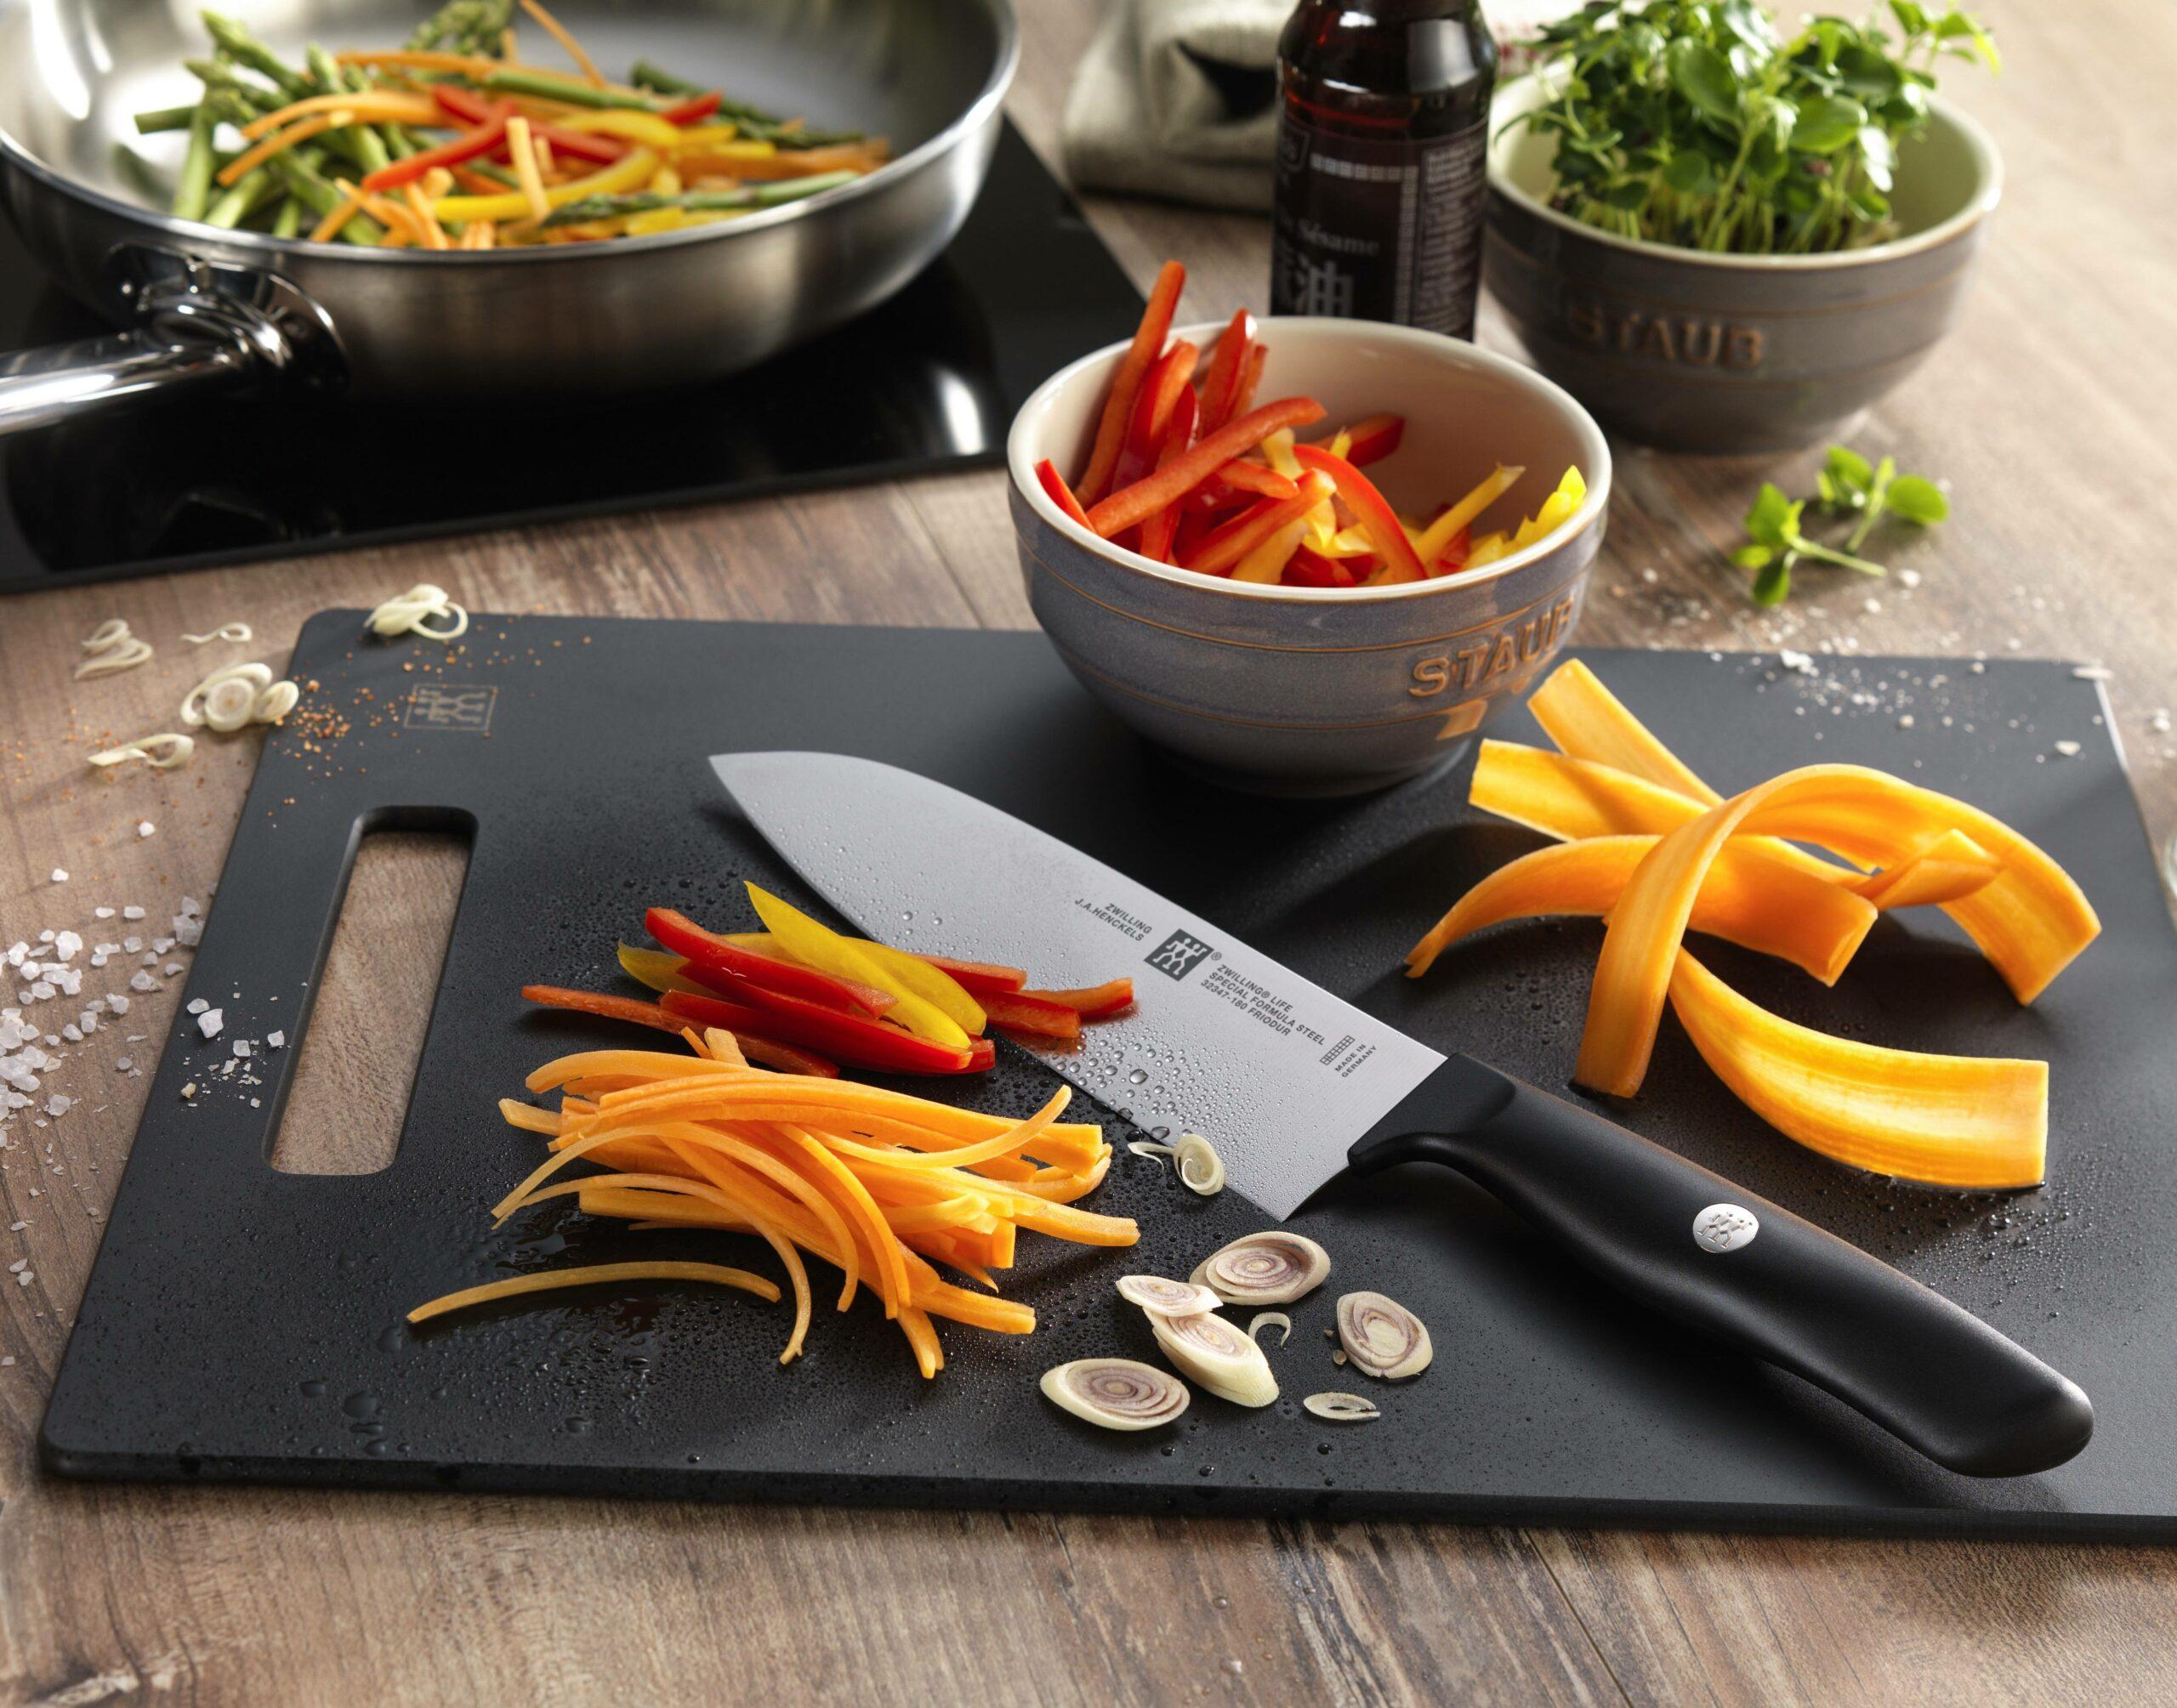 Cuchillo Santoku: ¿para qué sirve y vale la pena tenerlo en la cocina?